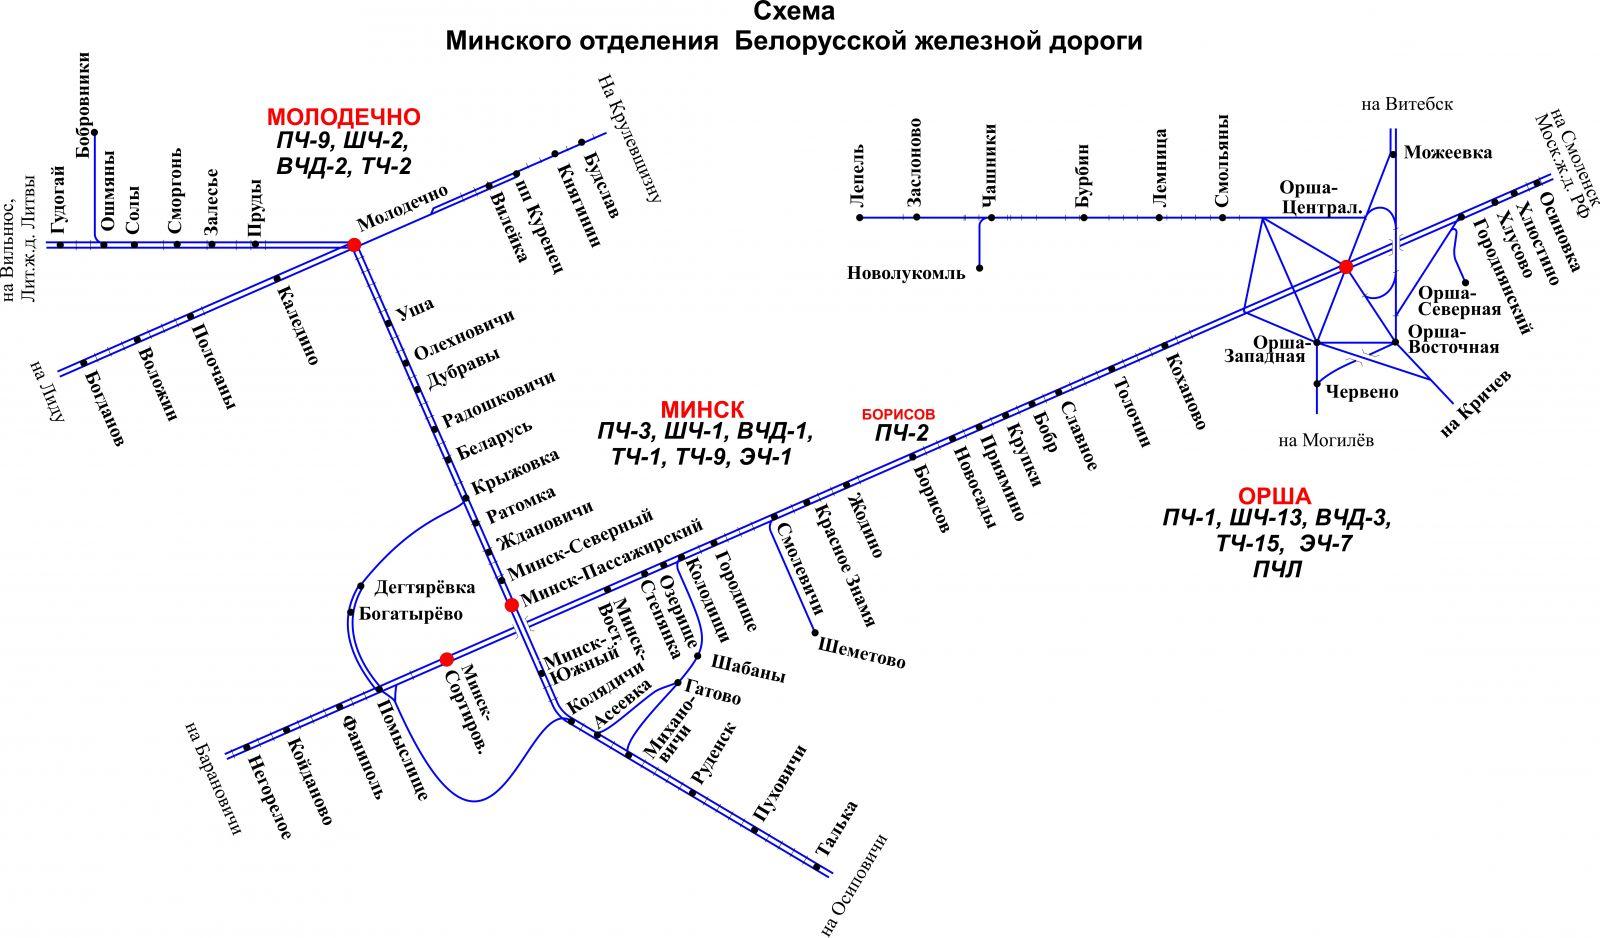 Белорусская железная дорога схема фото 94